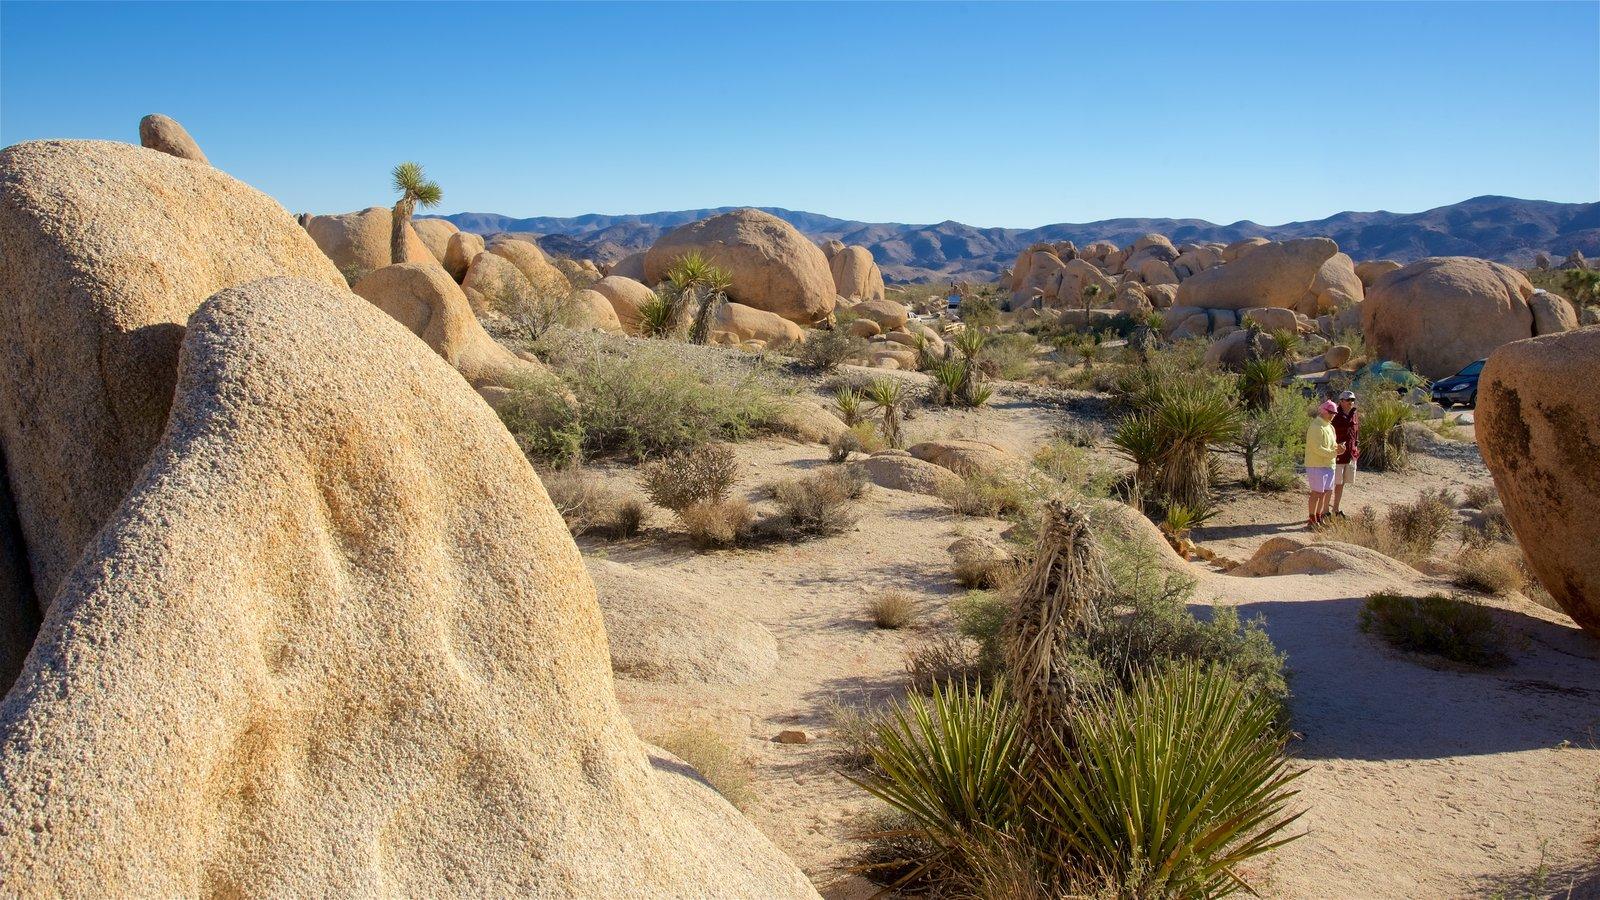 Parque Nacional de Joshua Tree caracterizando cenas tranquilas e paisagens do deserto assim como um homem sozinho